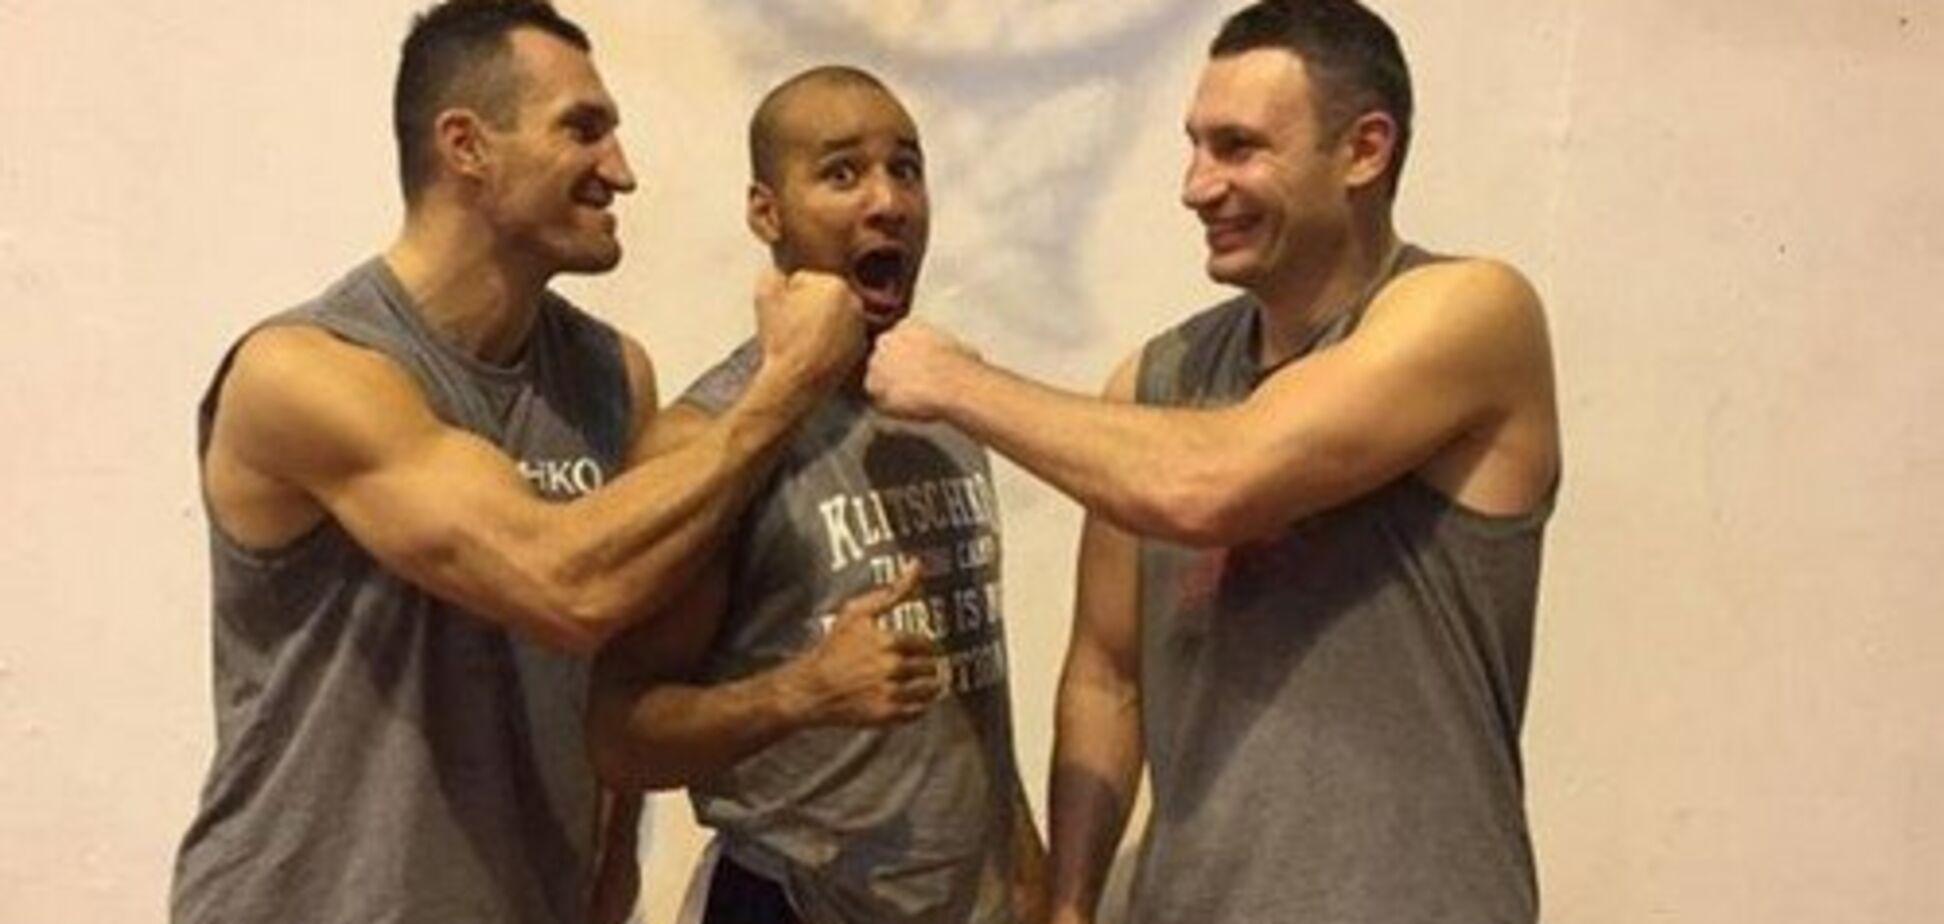 'В живот или по печени': известный украинский боксер рассказал про встречи с гопниками